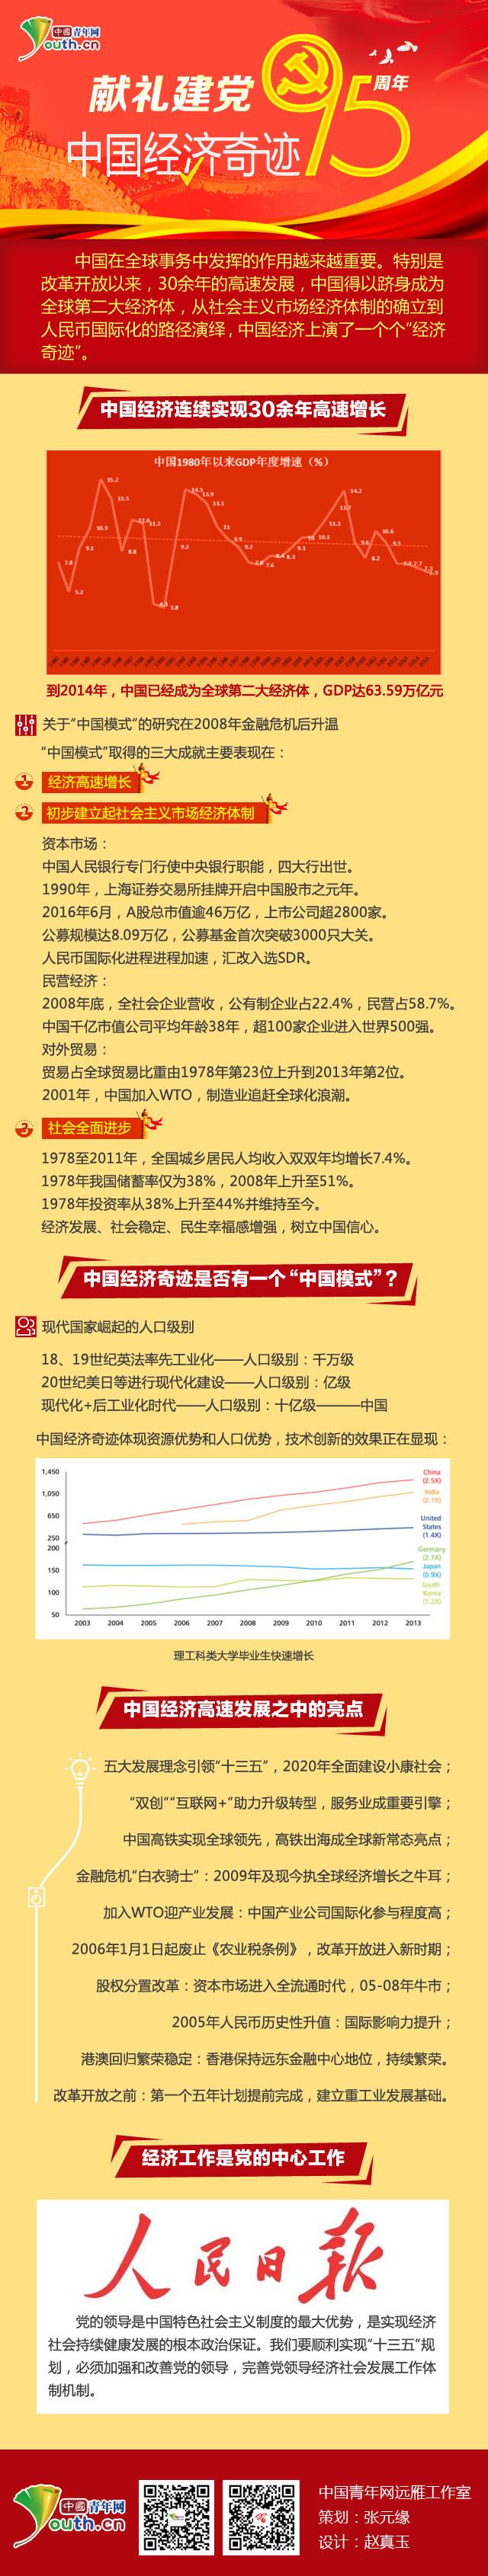 建黨95週年;中國經濟奇跡;世界第二大經濟體;黨領導經濟建設;改革開放;黨的生日;中國經濟成就